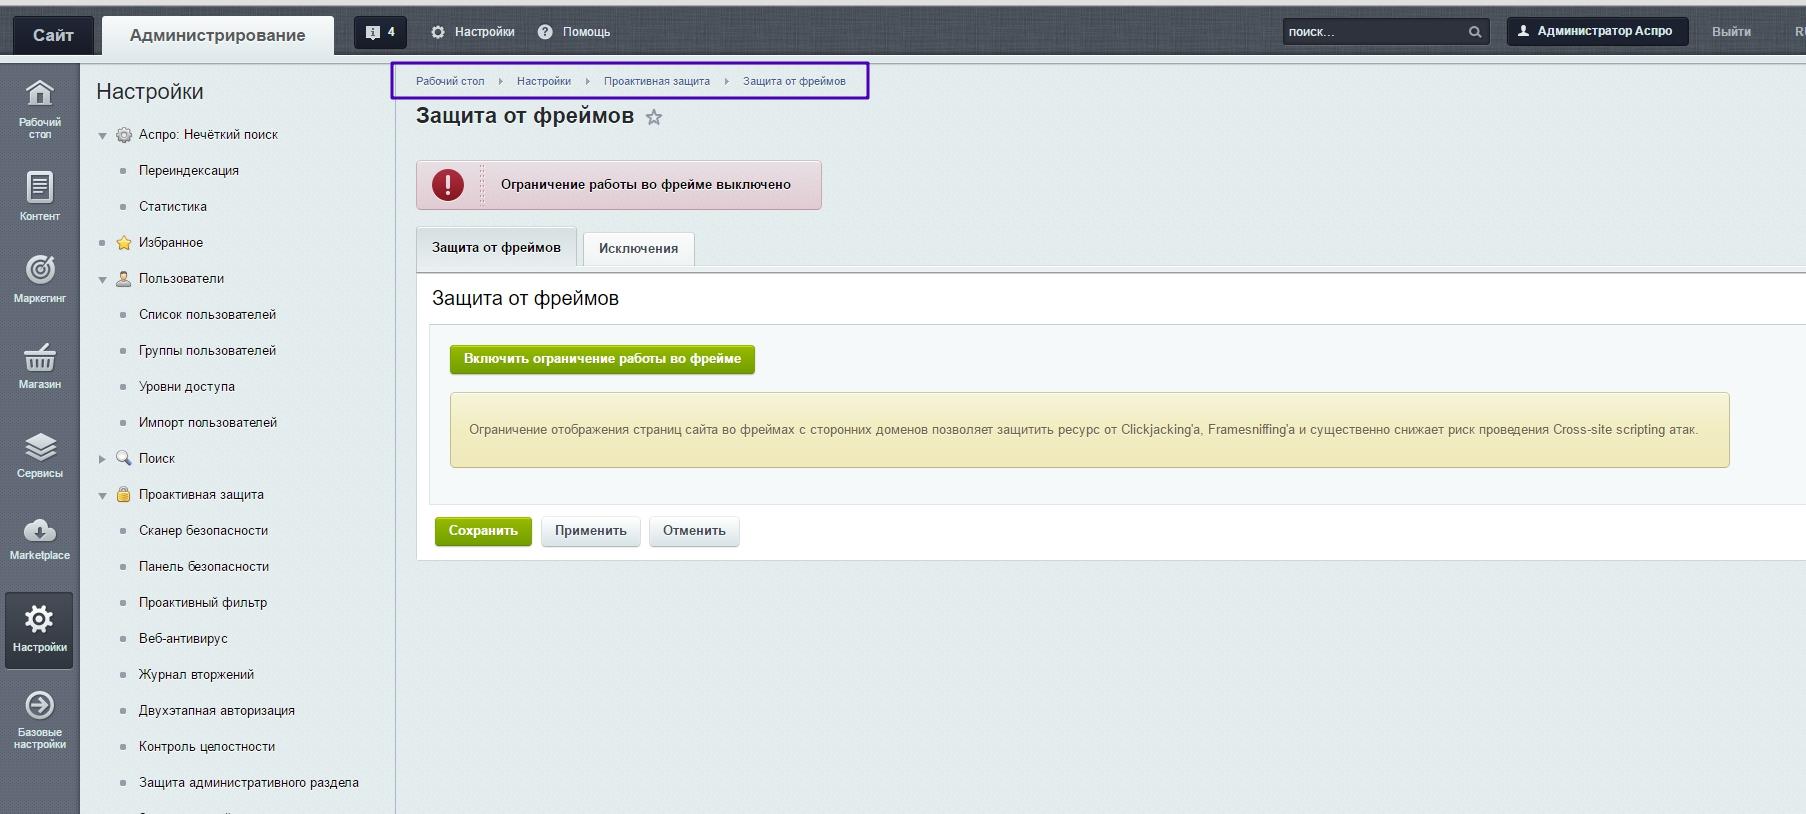 Битрикс вебвизор яндекс битрикс mobile